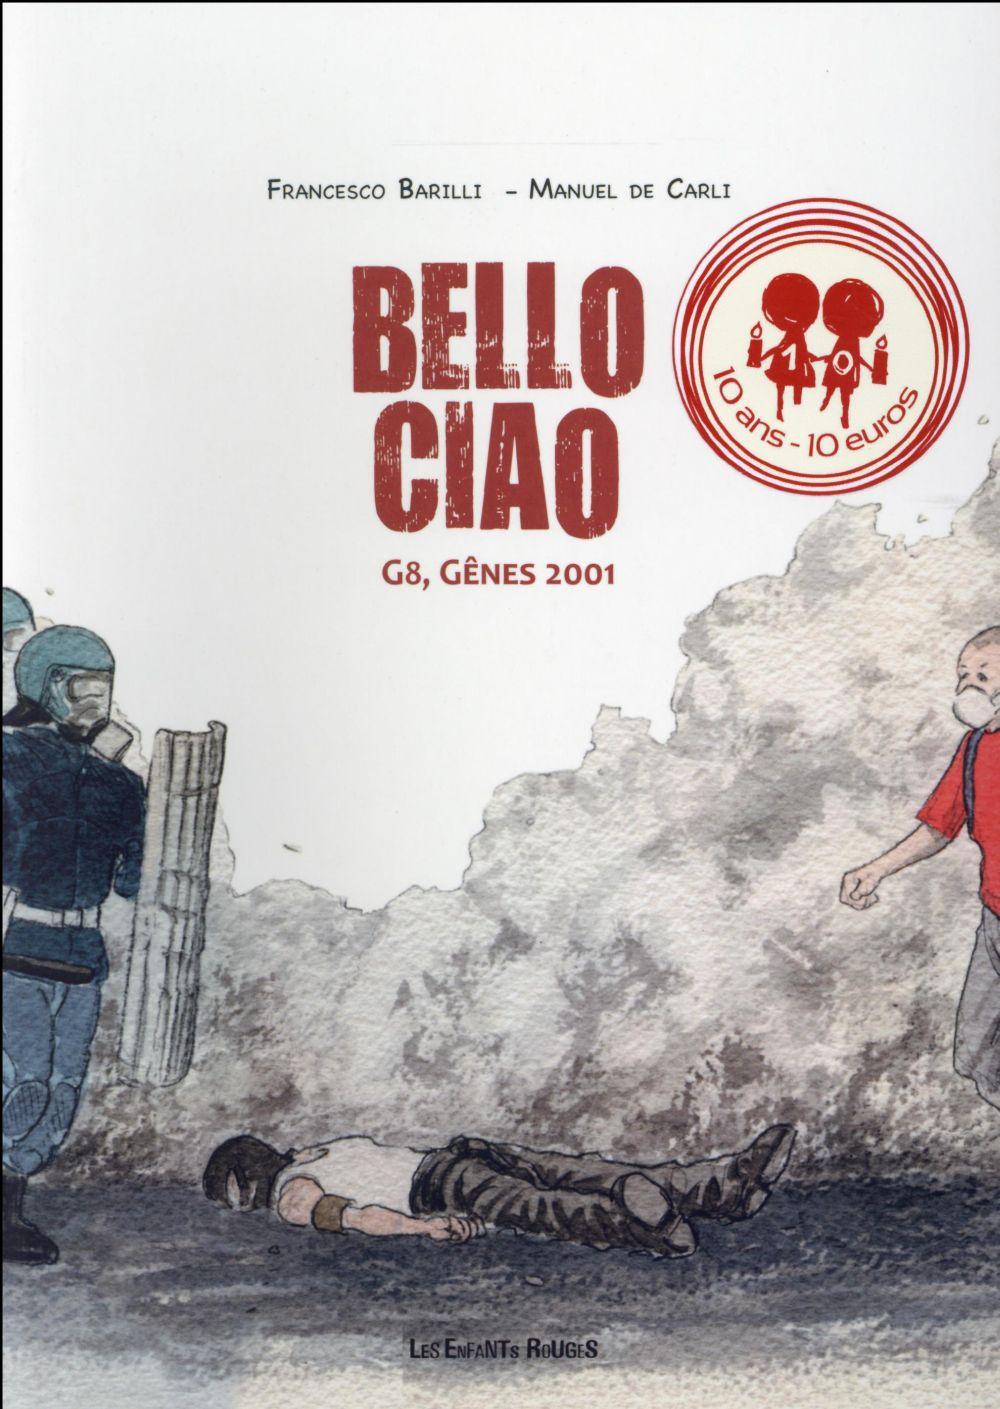 Bello ciao ; G8, Gênes 2001